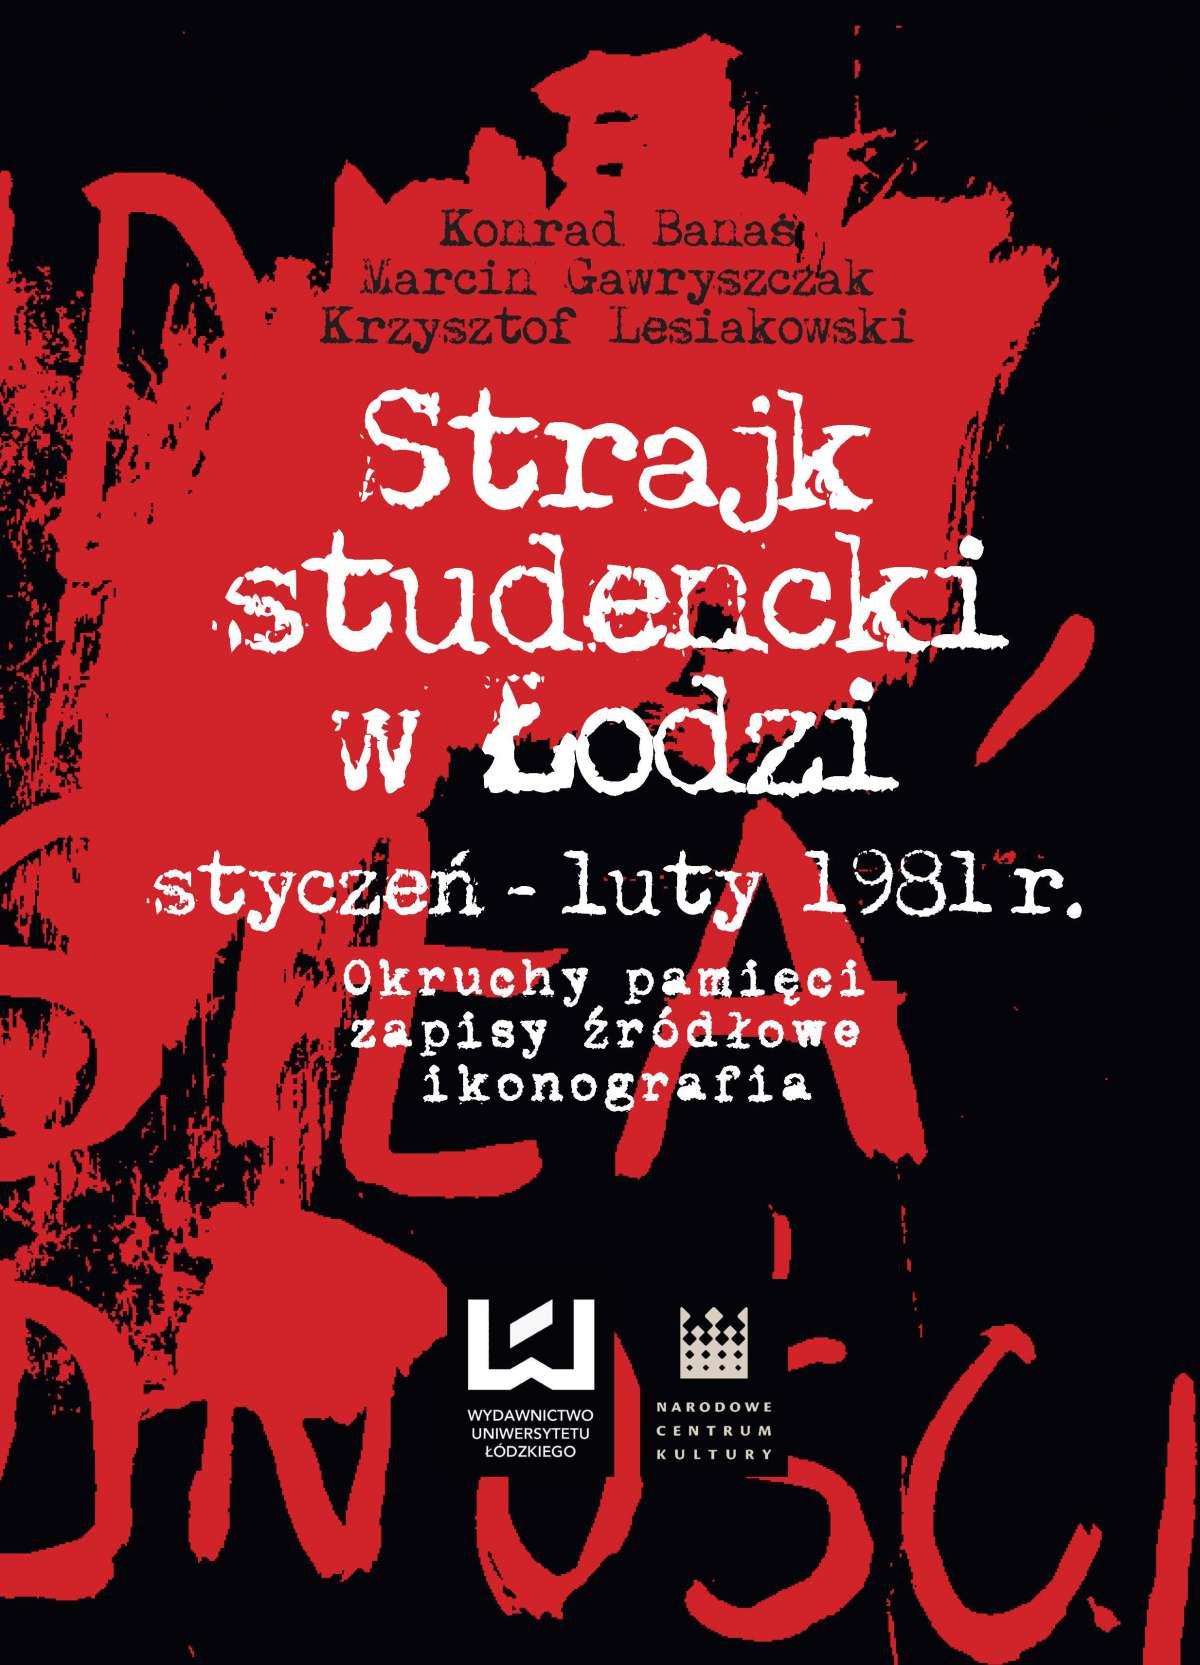 Strajk studencki w Łodzi styczeń – luty 1981 r. Okruchy pamięci, zapisy źródłowe, ikonografia - Ebook (Książka PDF) do pobrania w formacie PDF